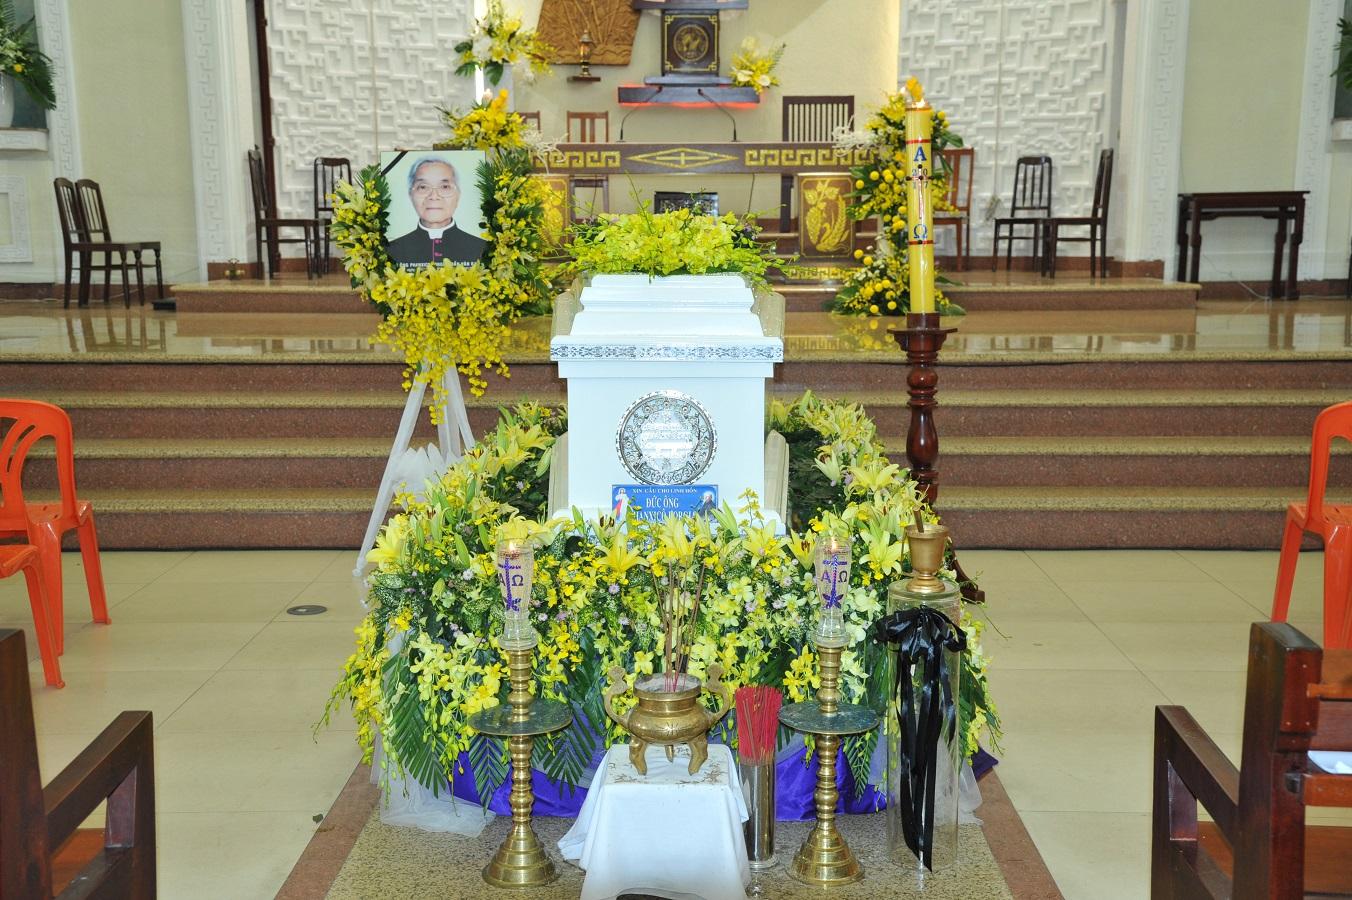 Thánh Lễ An Táng Đức Ông Phanxico Borgia Trần Văn Khả :Chiếc Thiệp Tang Thay Cho Chiếc Thiệp Mừng - Ảnh minh hoạ 13